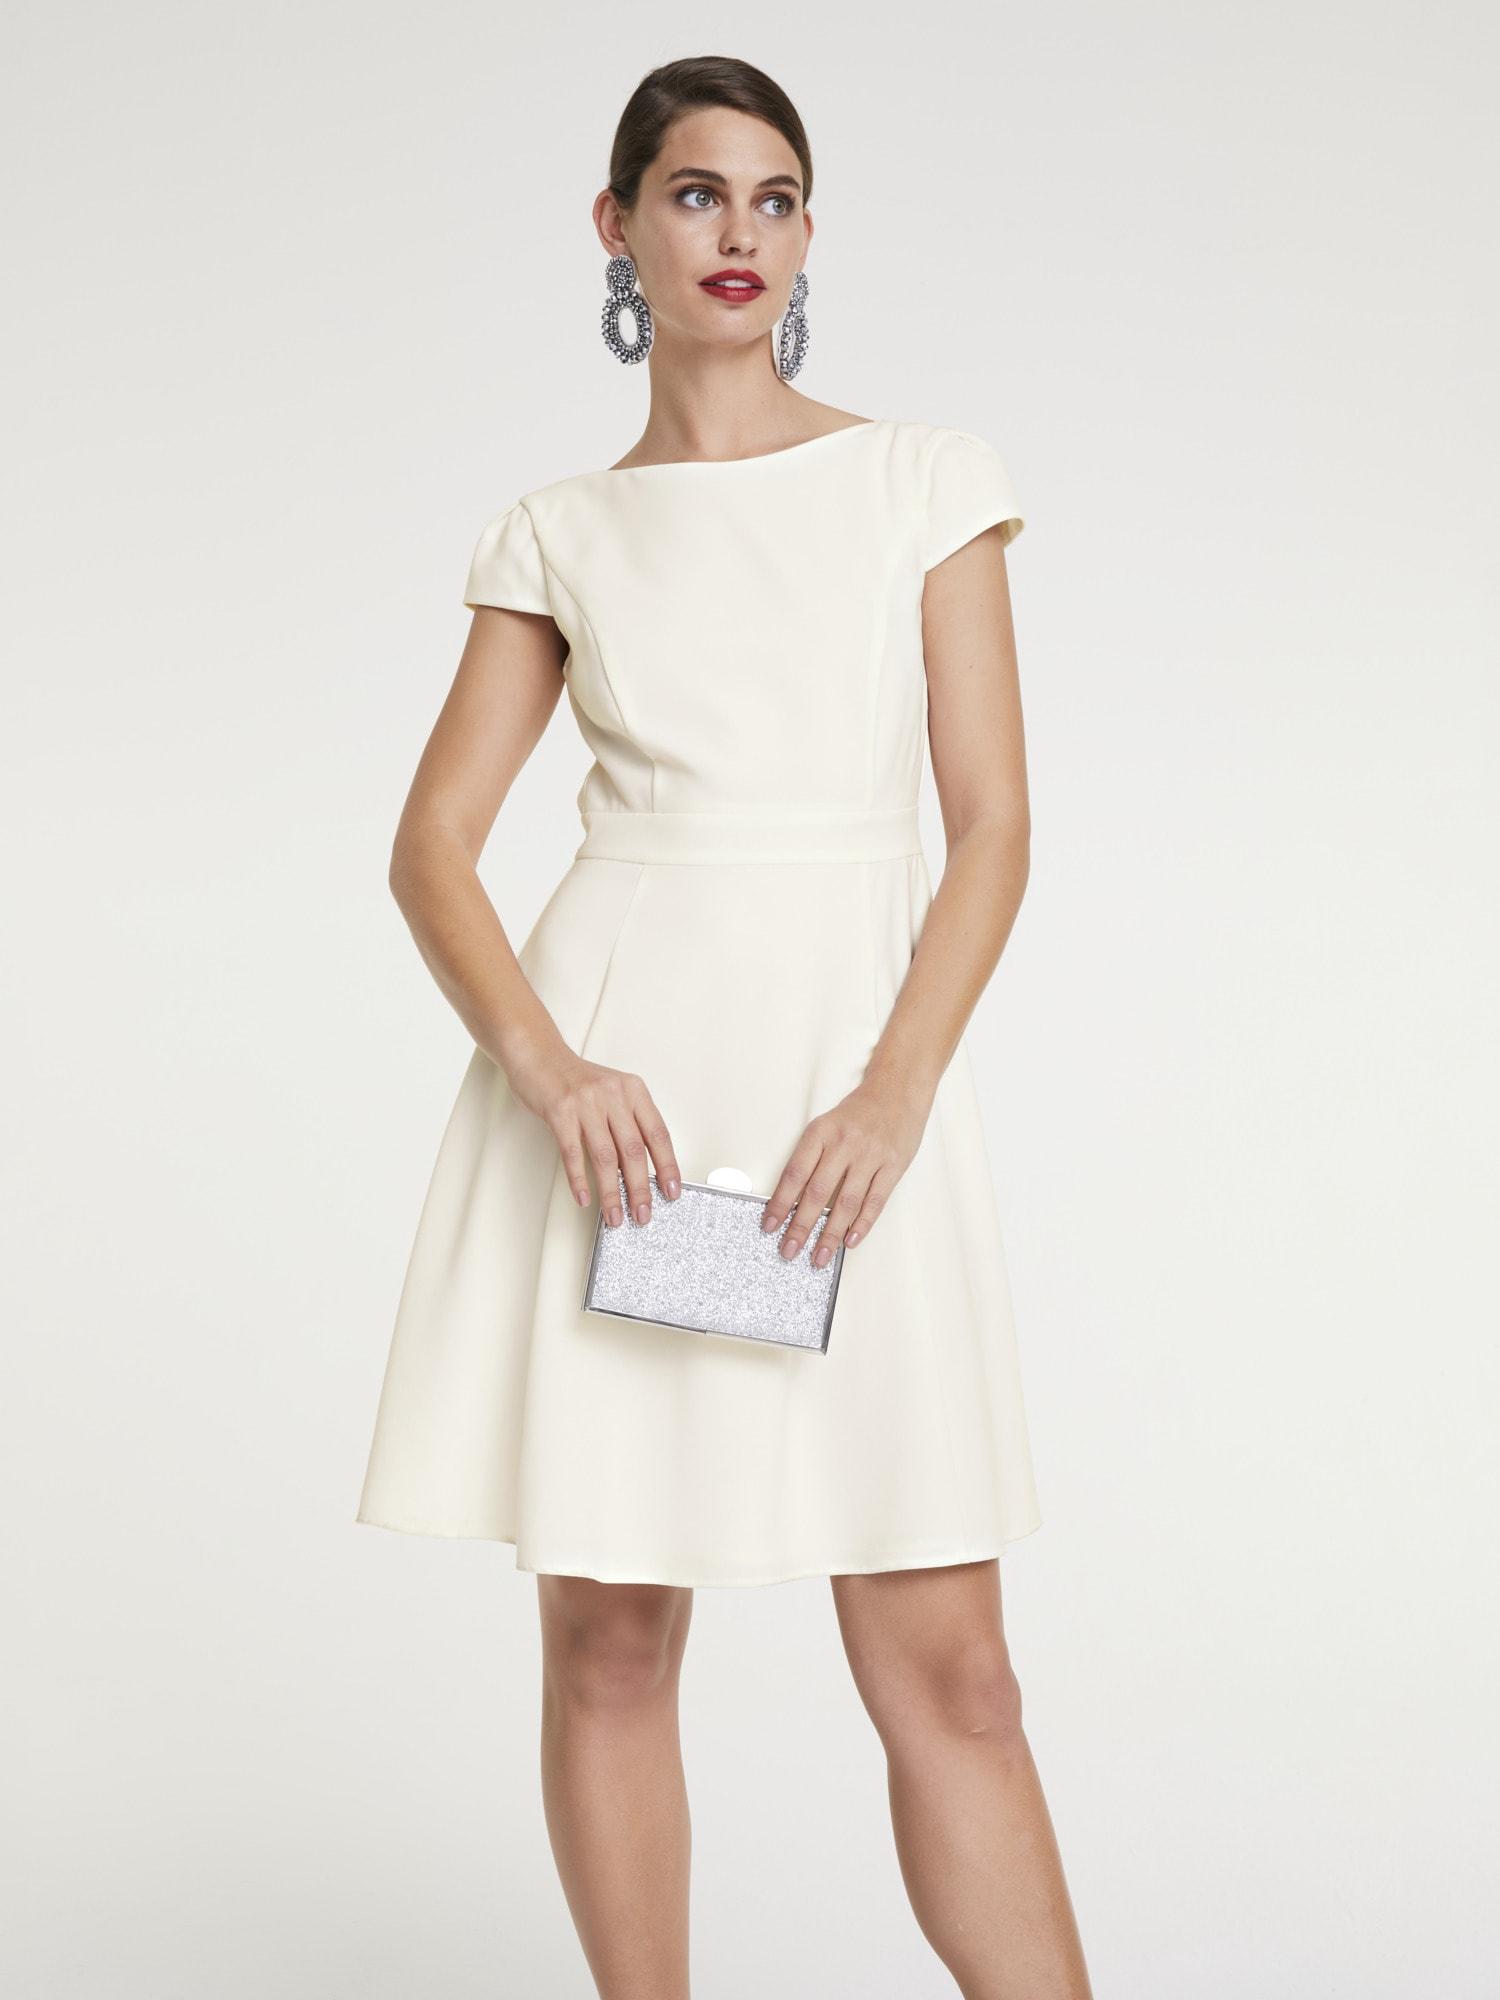 PATRIZIA DINI by Heine Cocktailkleid, tailliert weiß Damen Cocktail- Partykleider Kleider Cocktailkleid